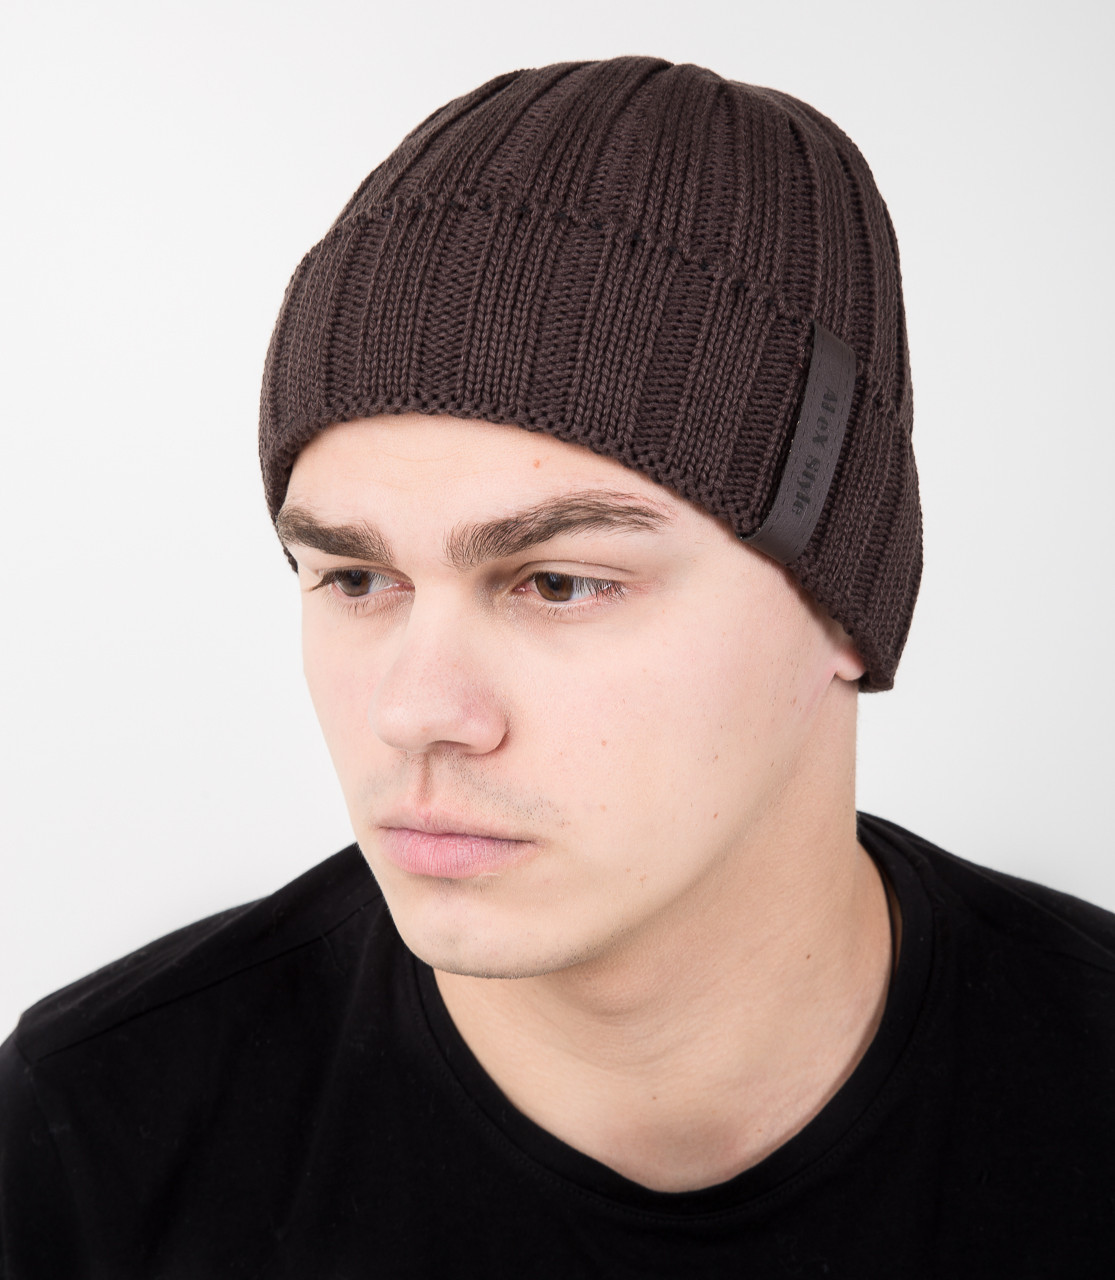 Мужская шапка из вязки на флисе - Арт AL17037